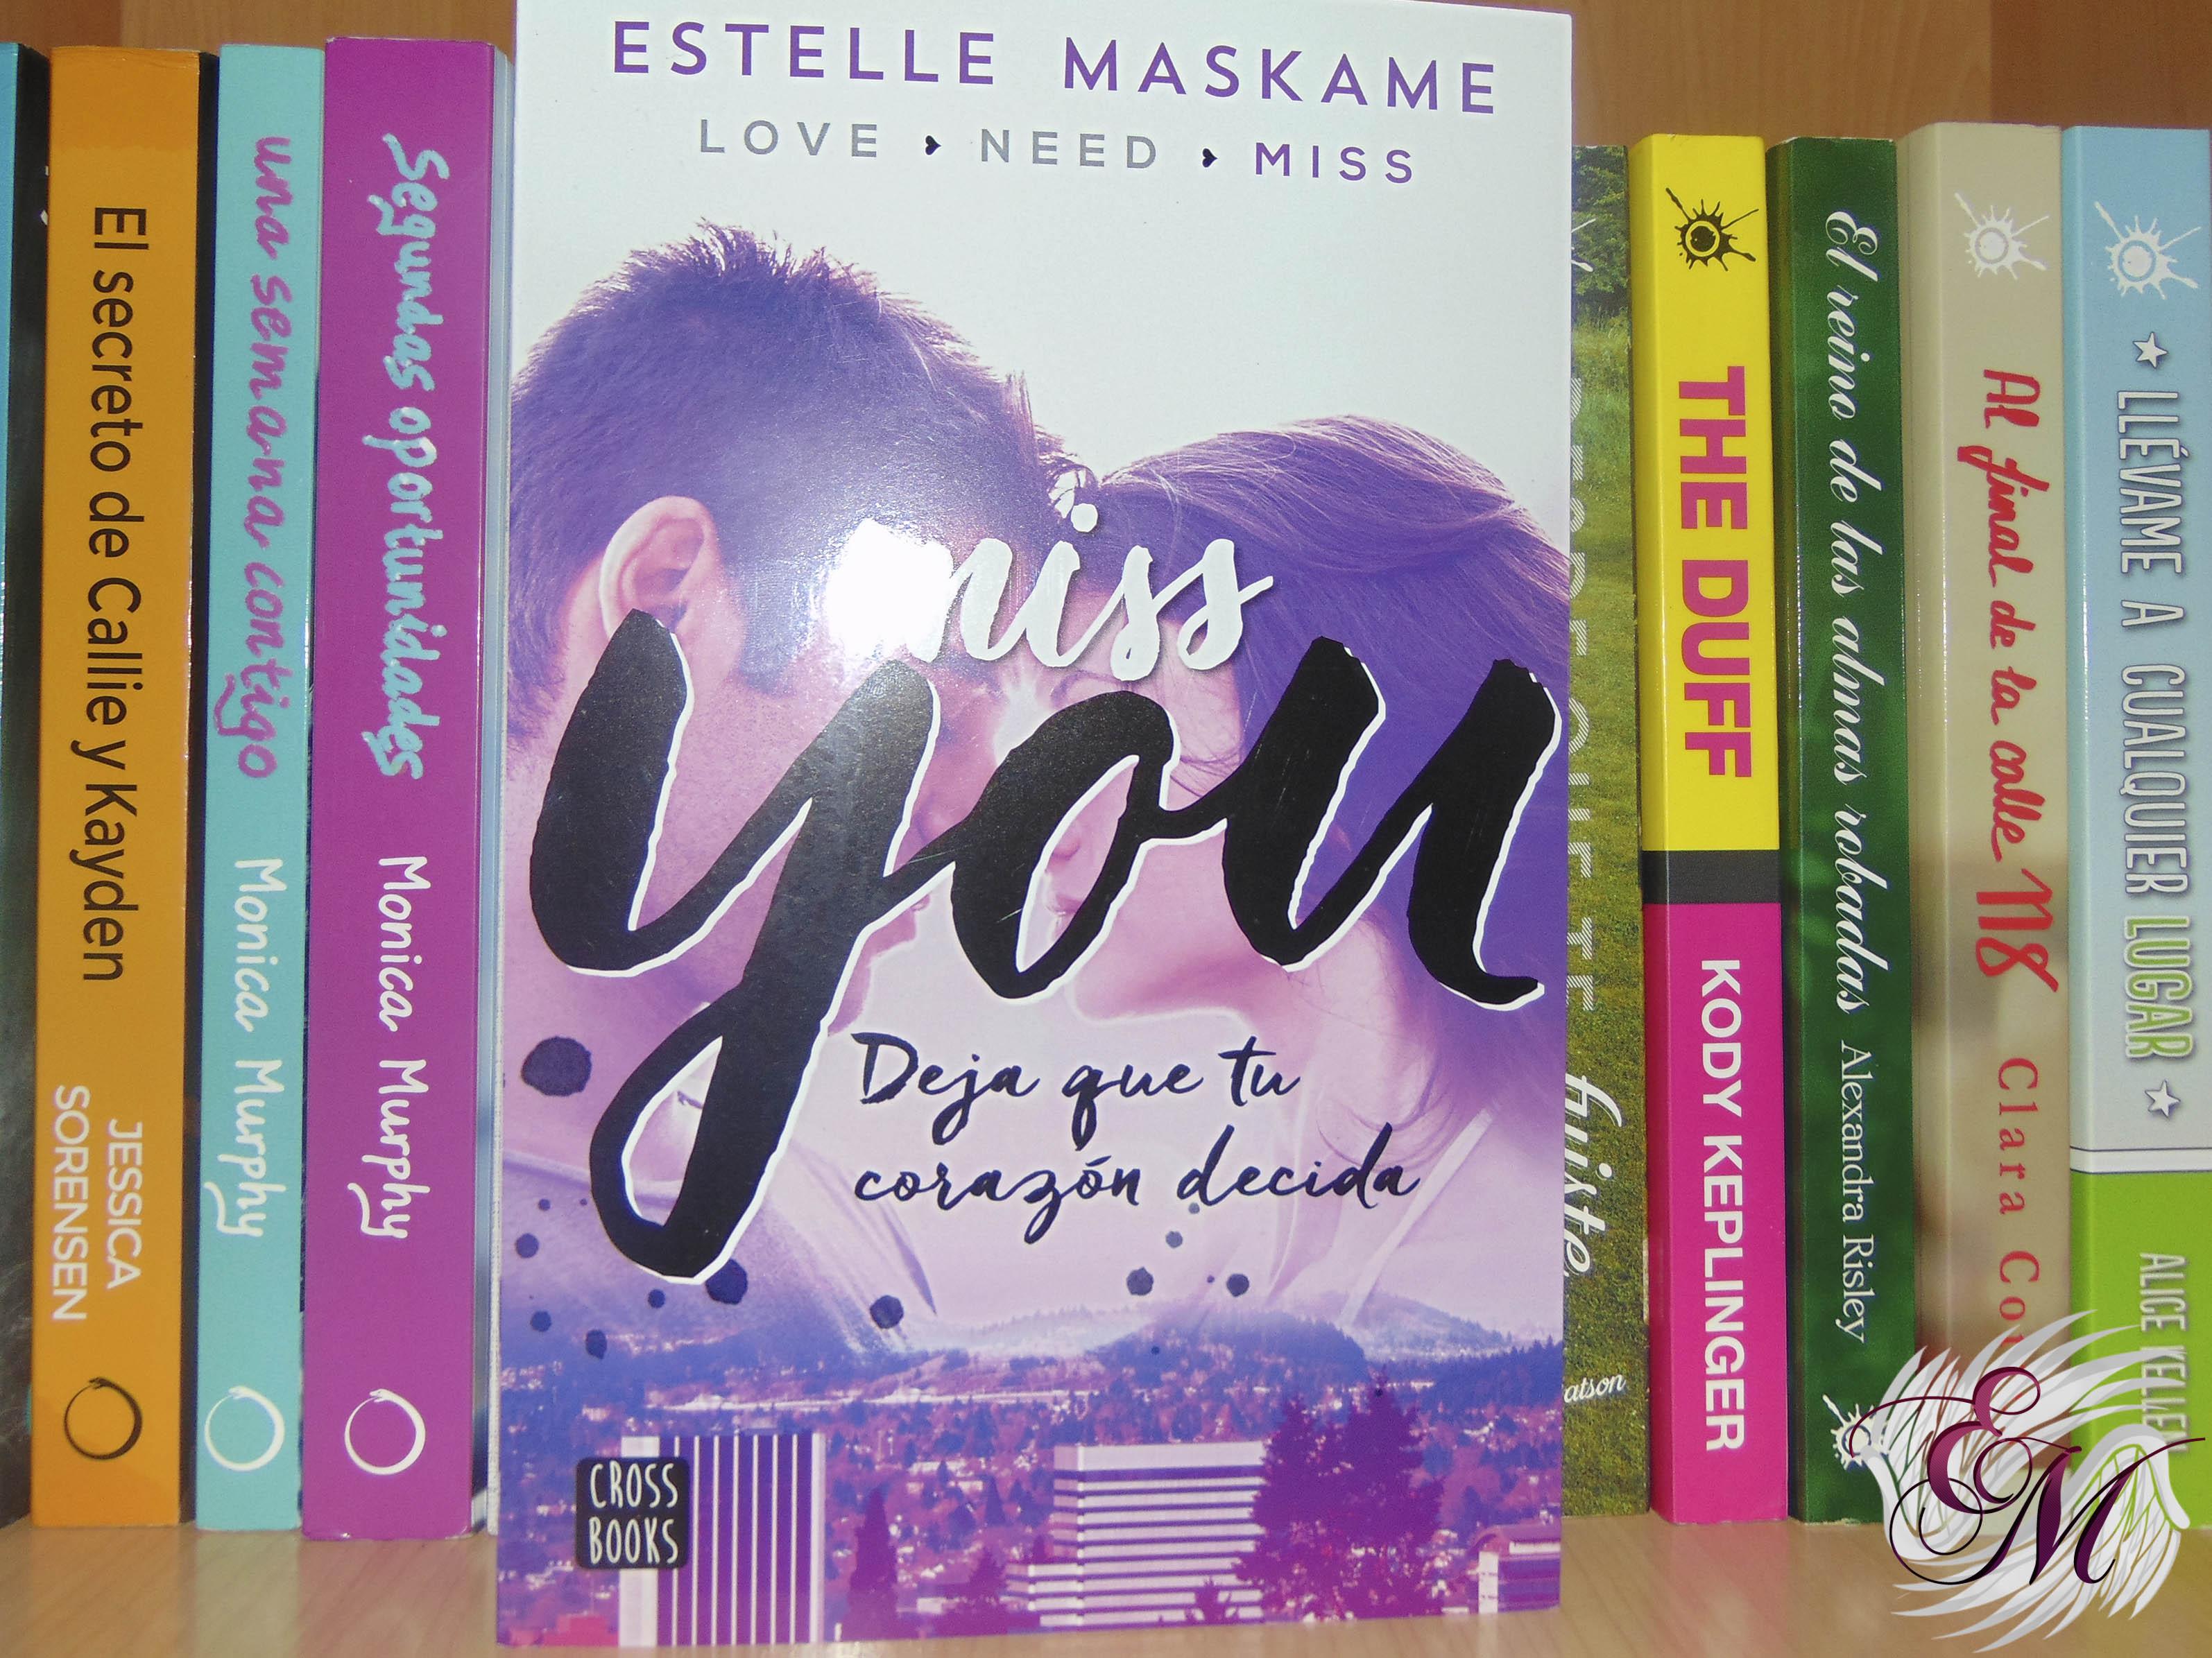 Miss you, de Estelle Maskame - Reseña